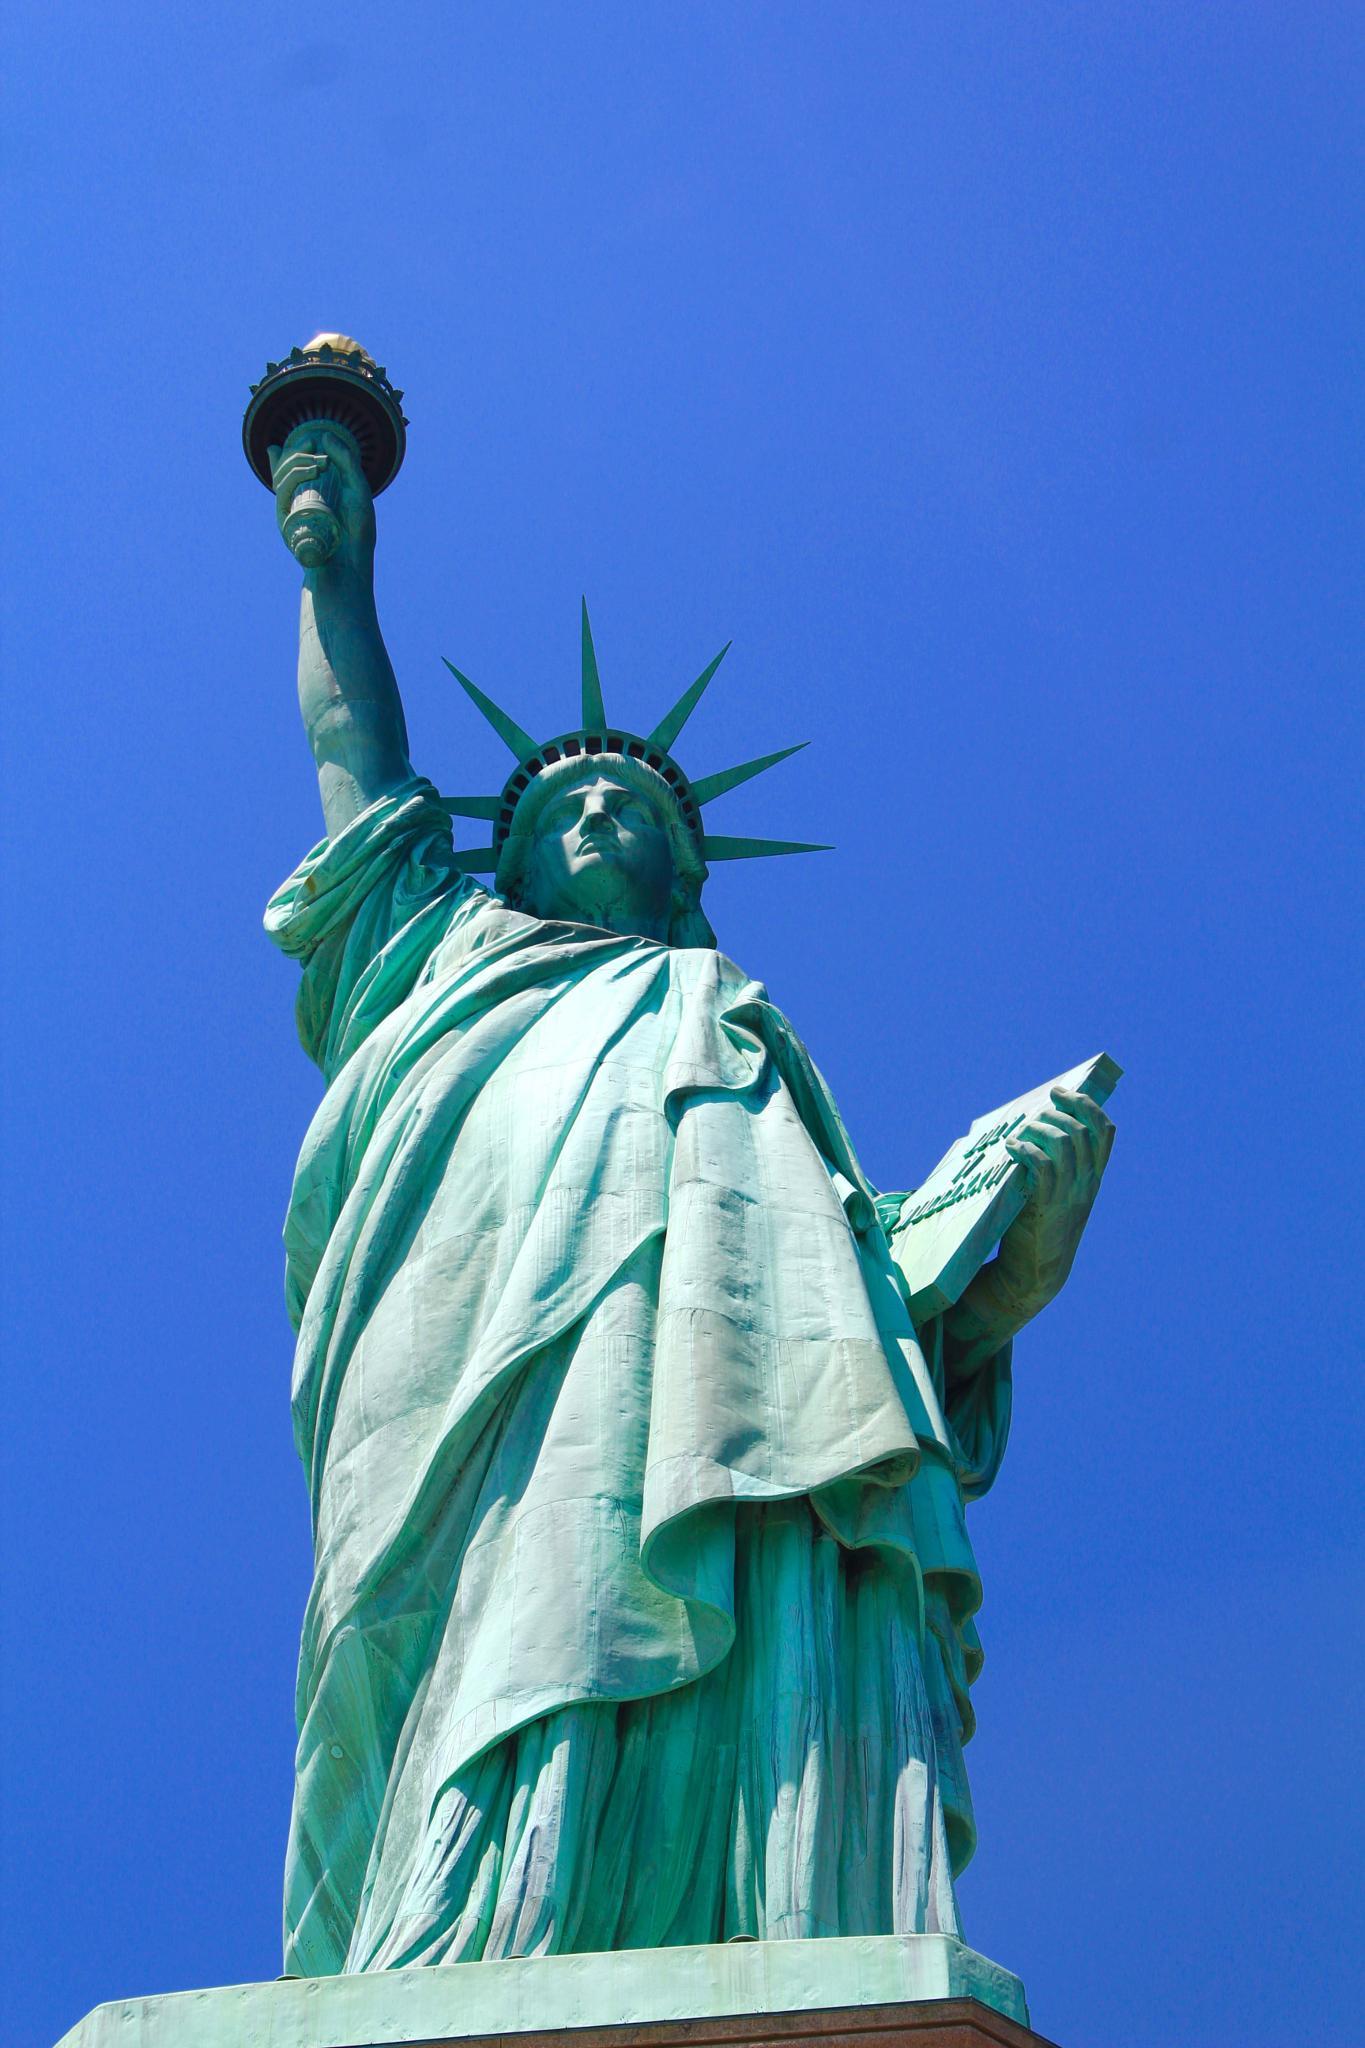 Statute of Liberty by Snickandmephotography